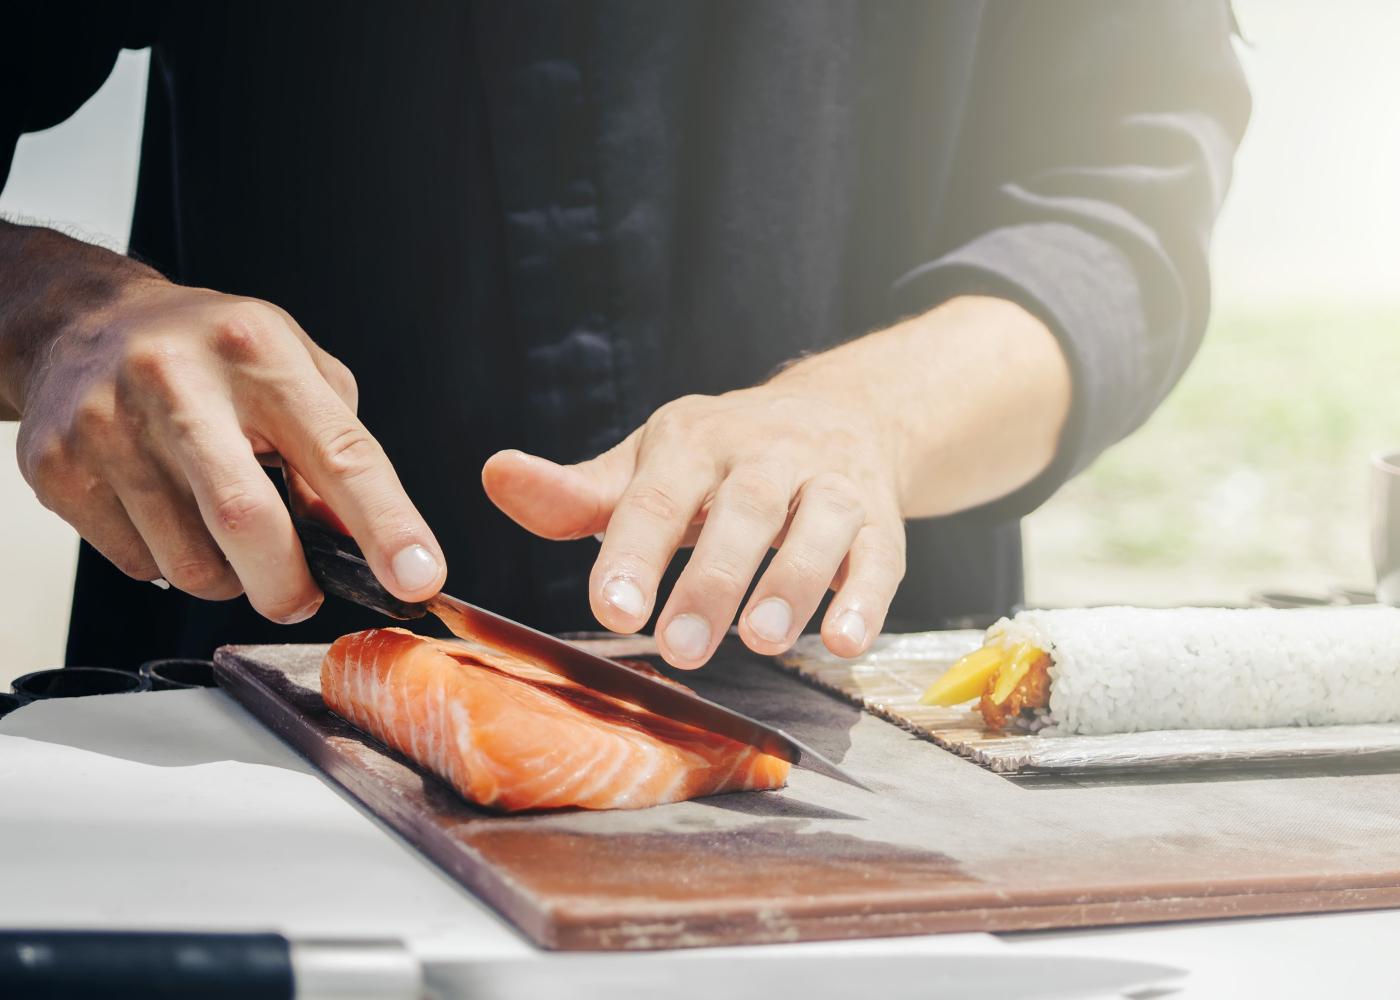 preparação do salmão